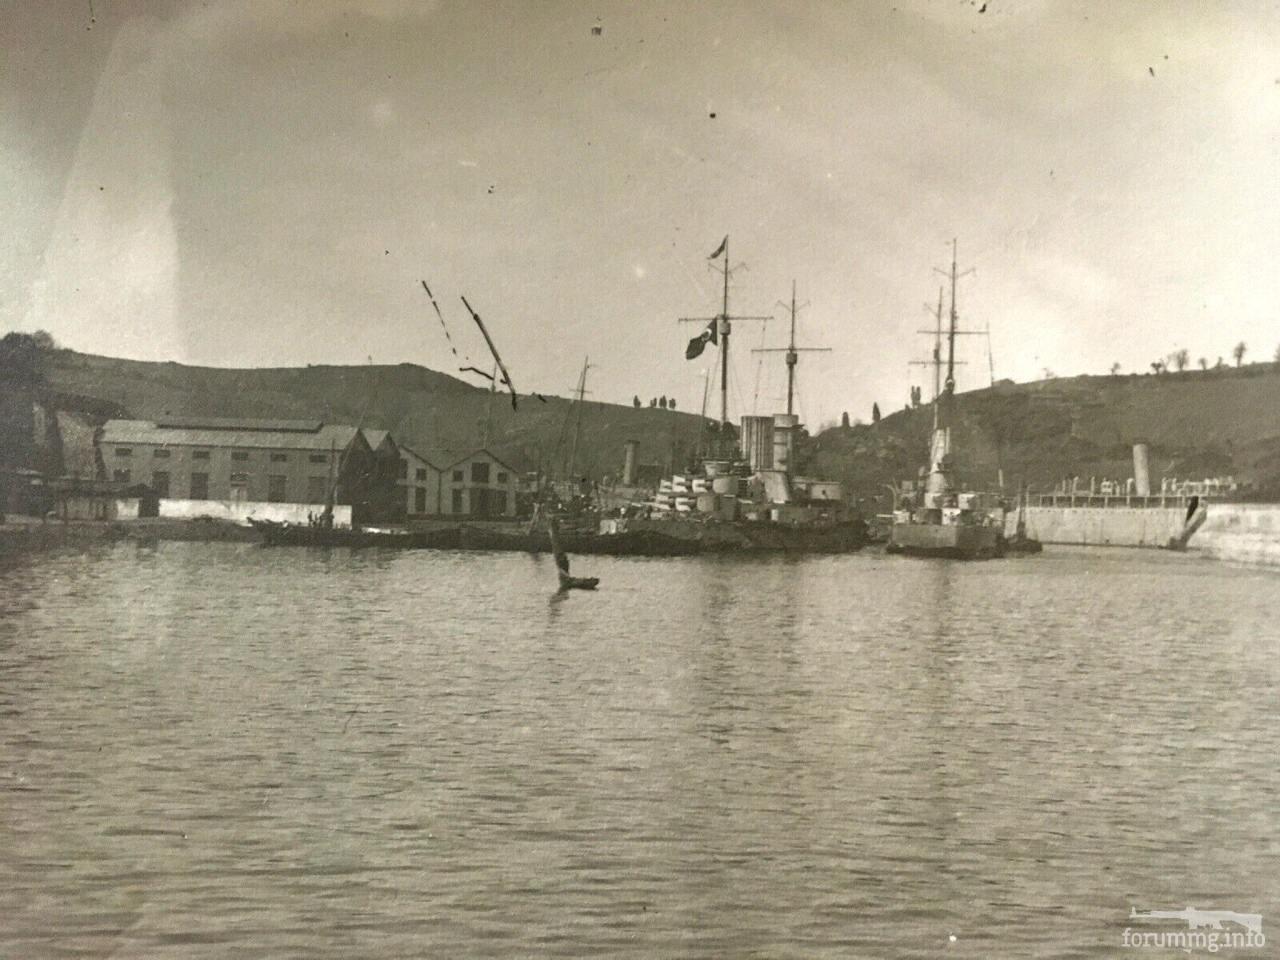 125156 - Германский флот 1914-1945